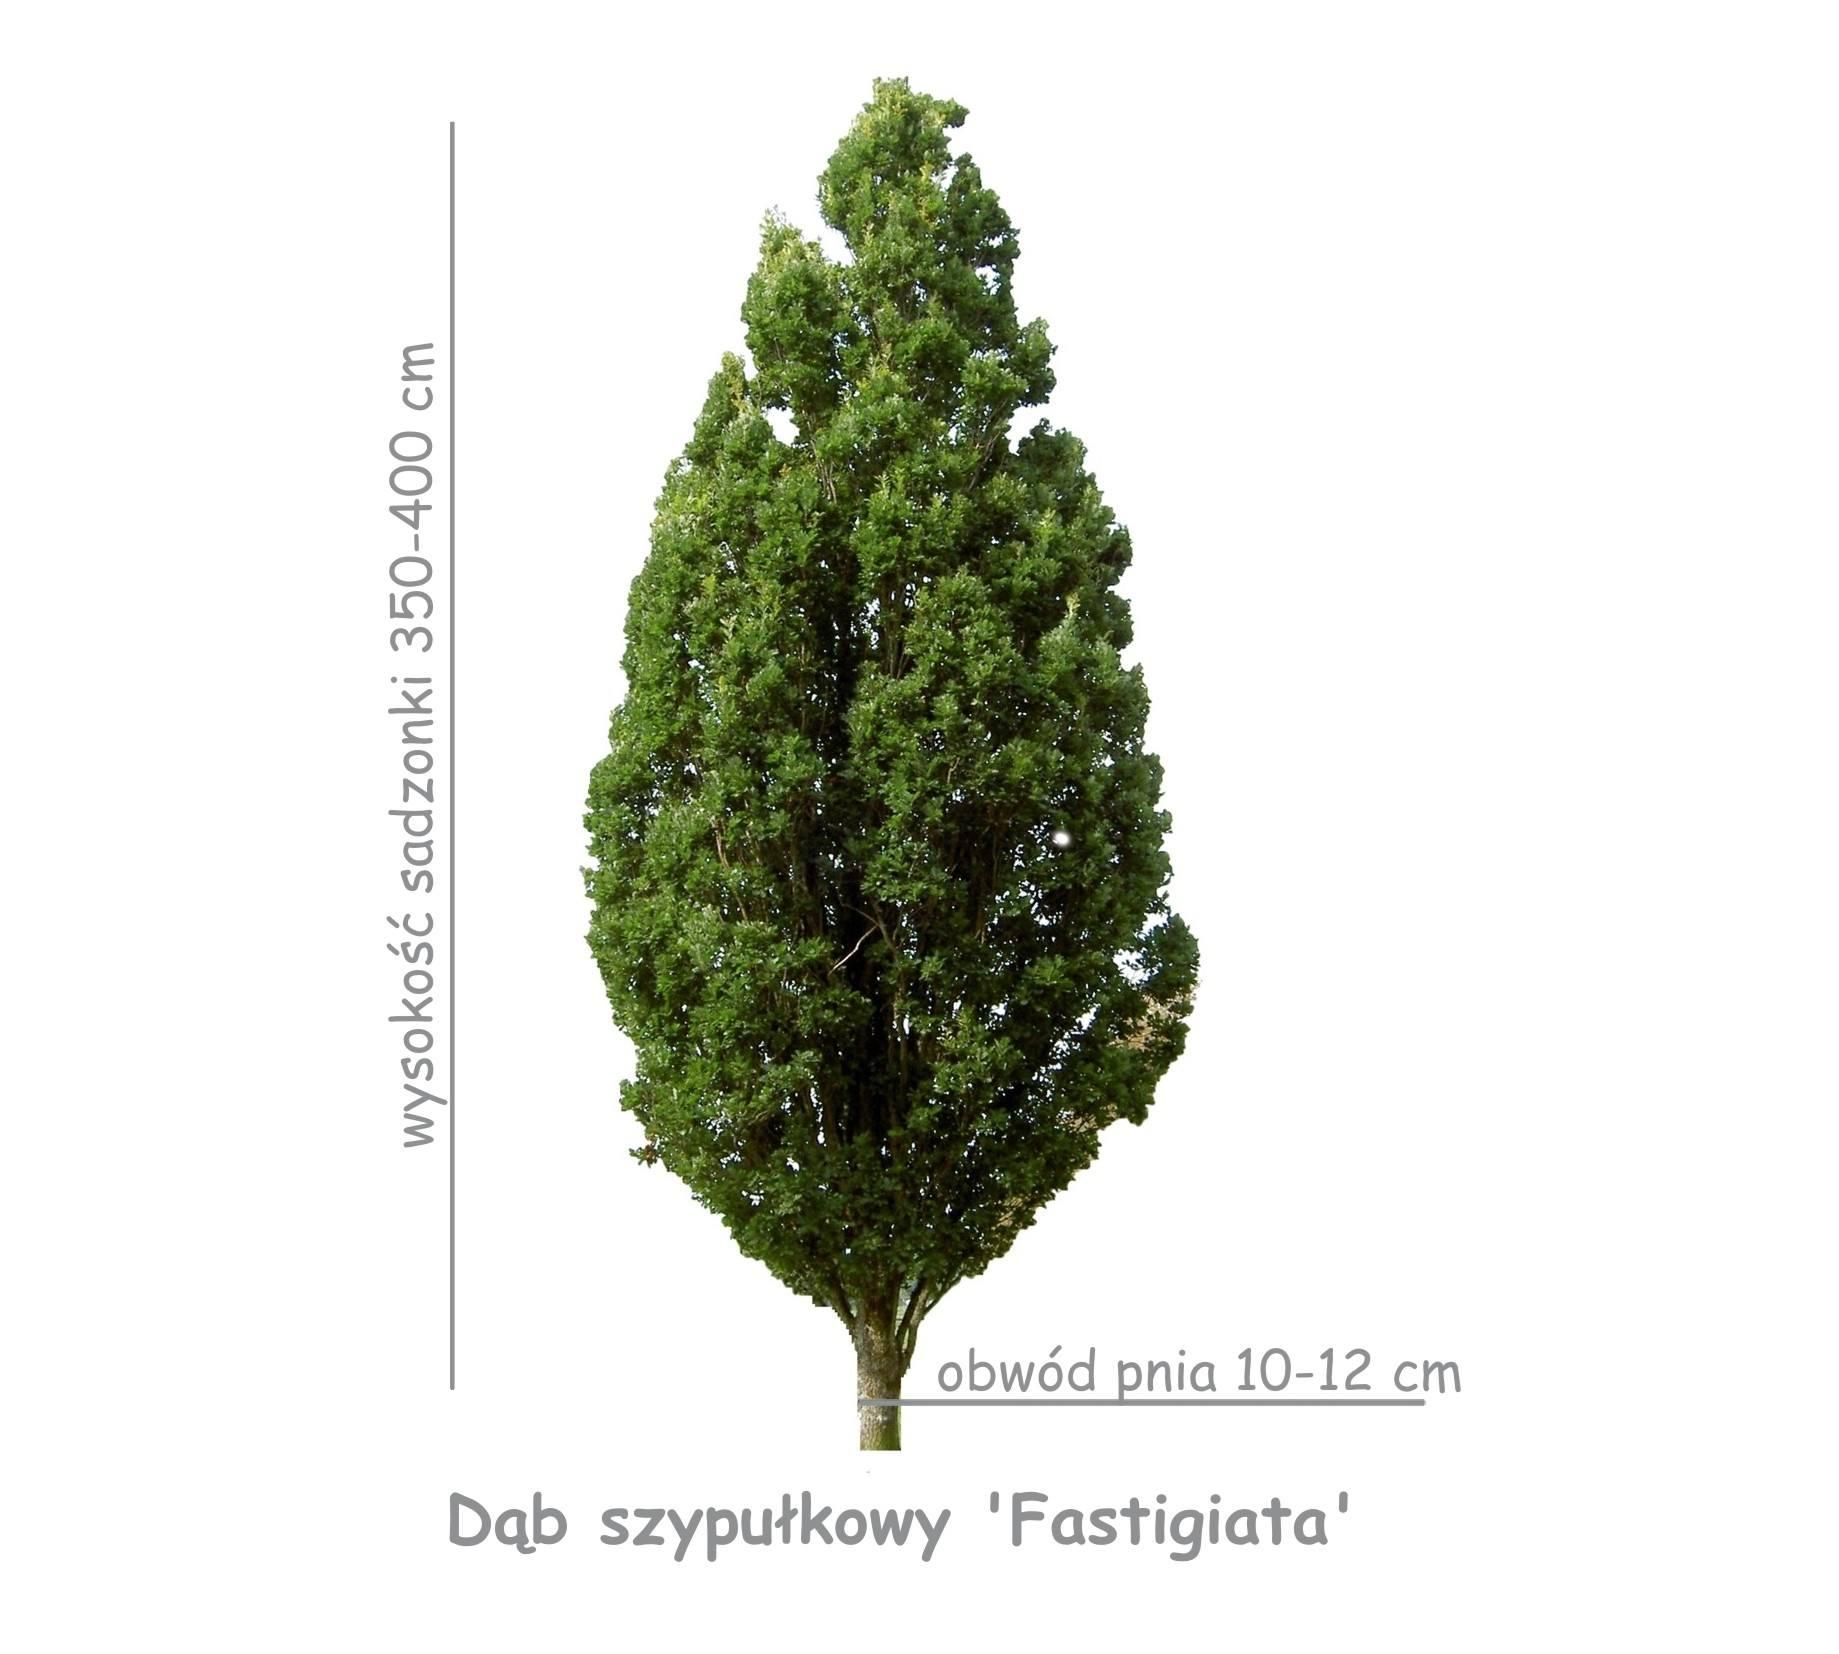 Dąb szypułkowy 'Fastigiata' sadzonka o obwodzie pnia 10-12 cm